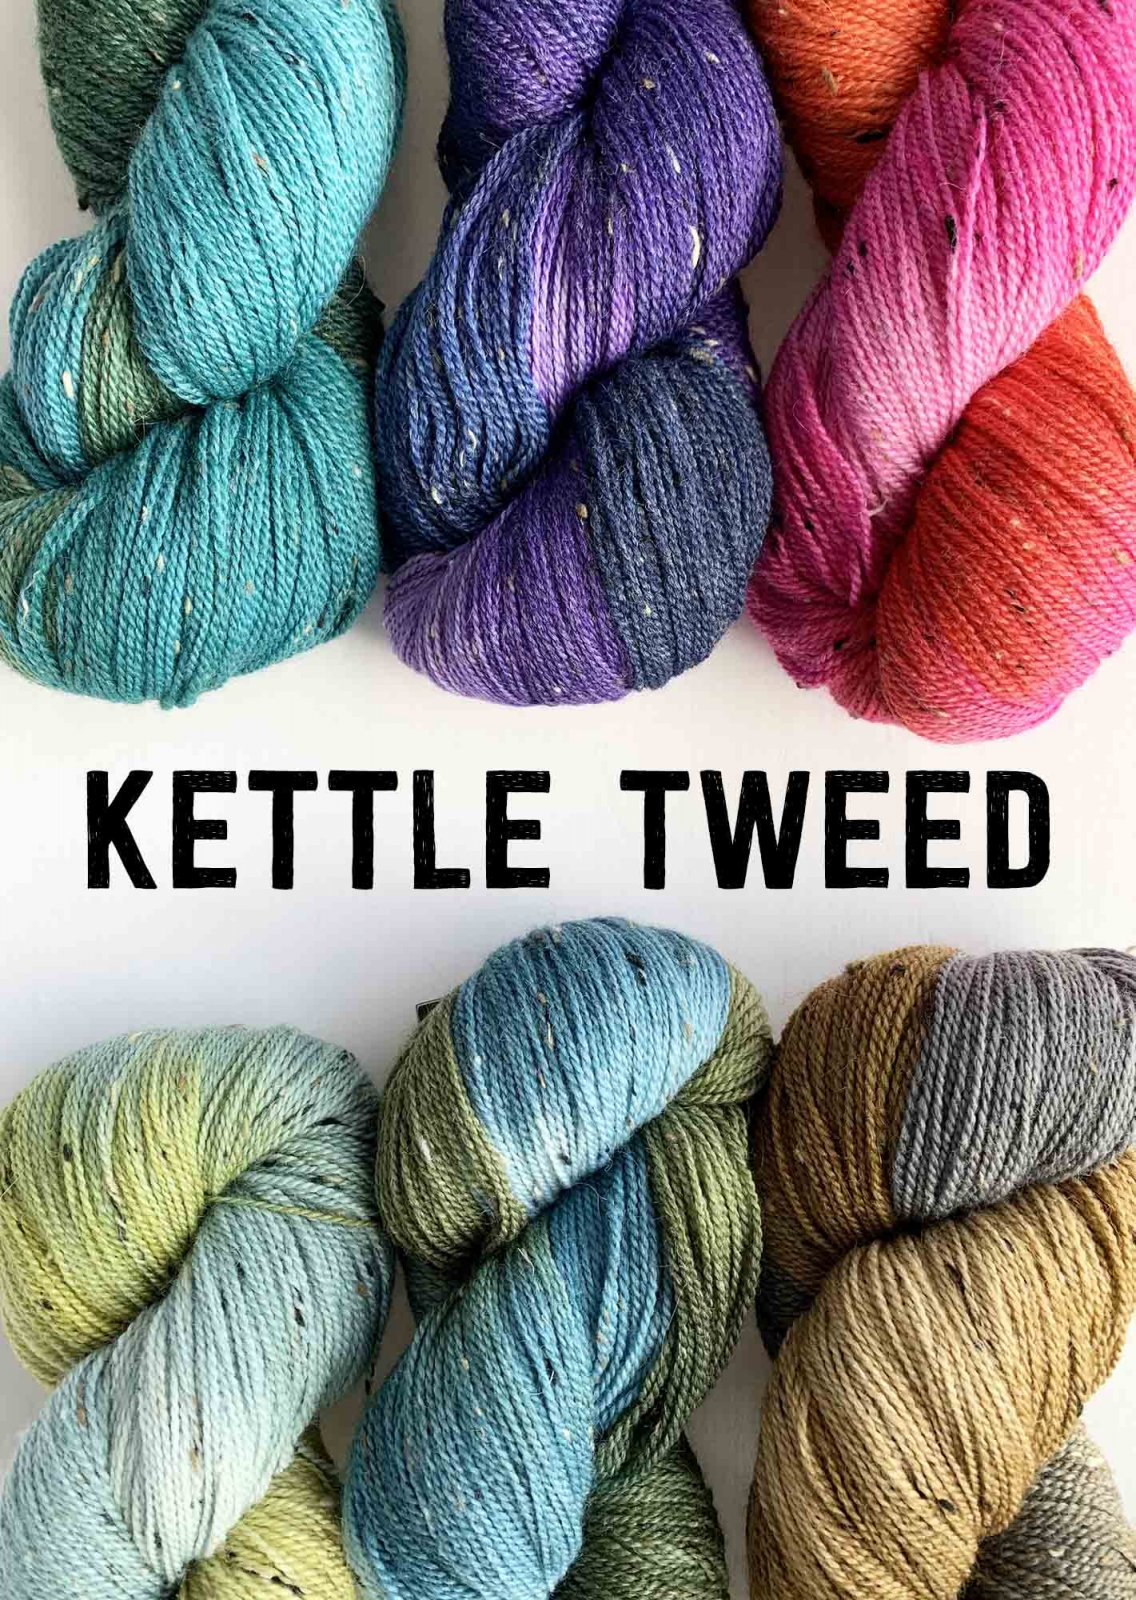 Kettle Tweed